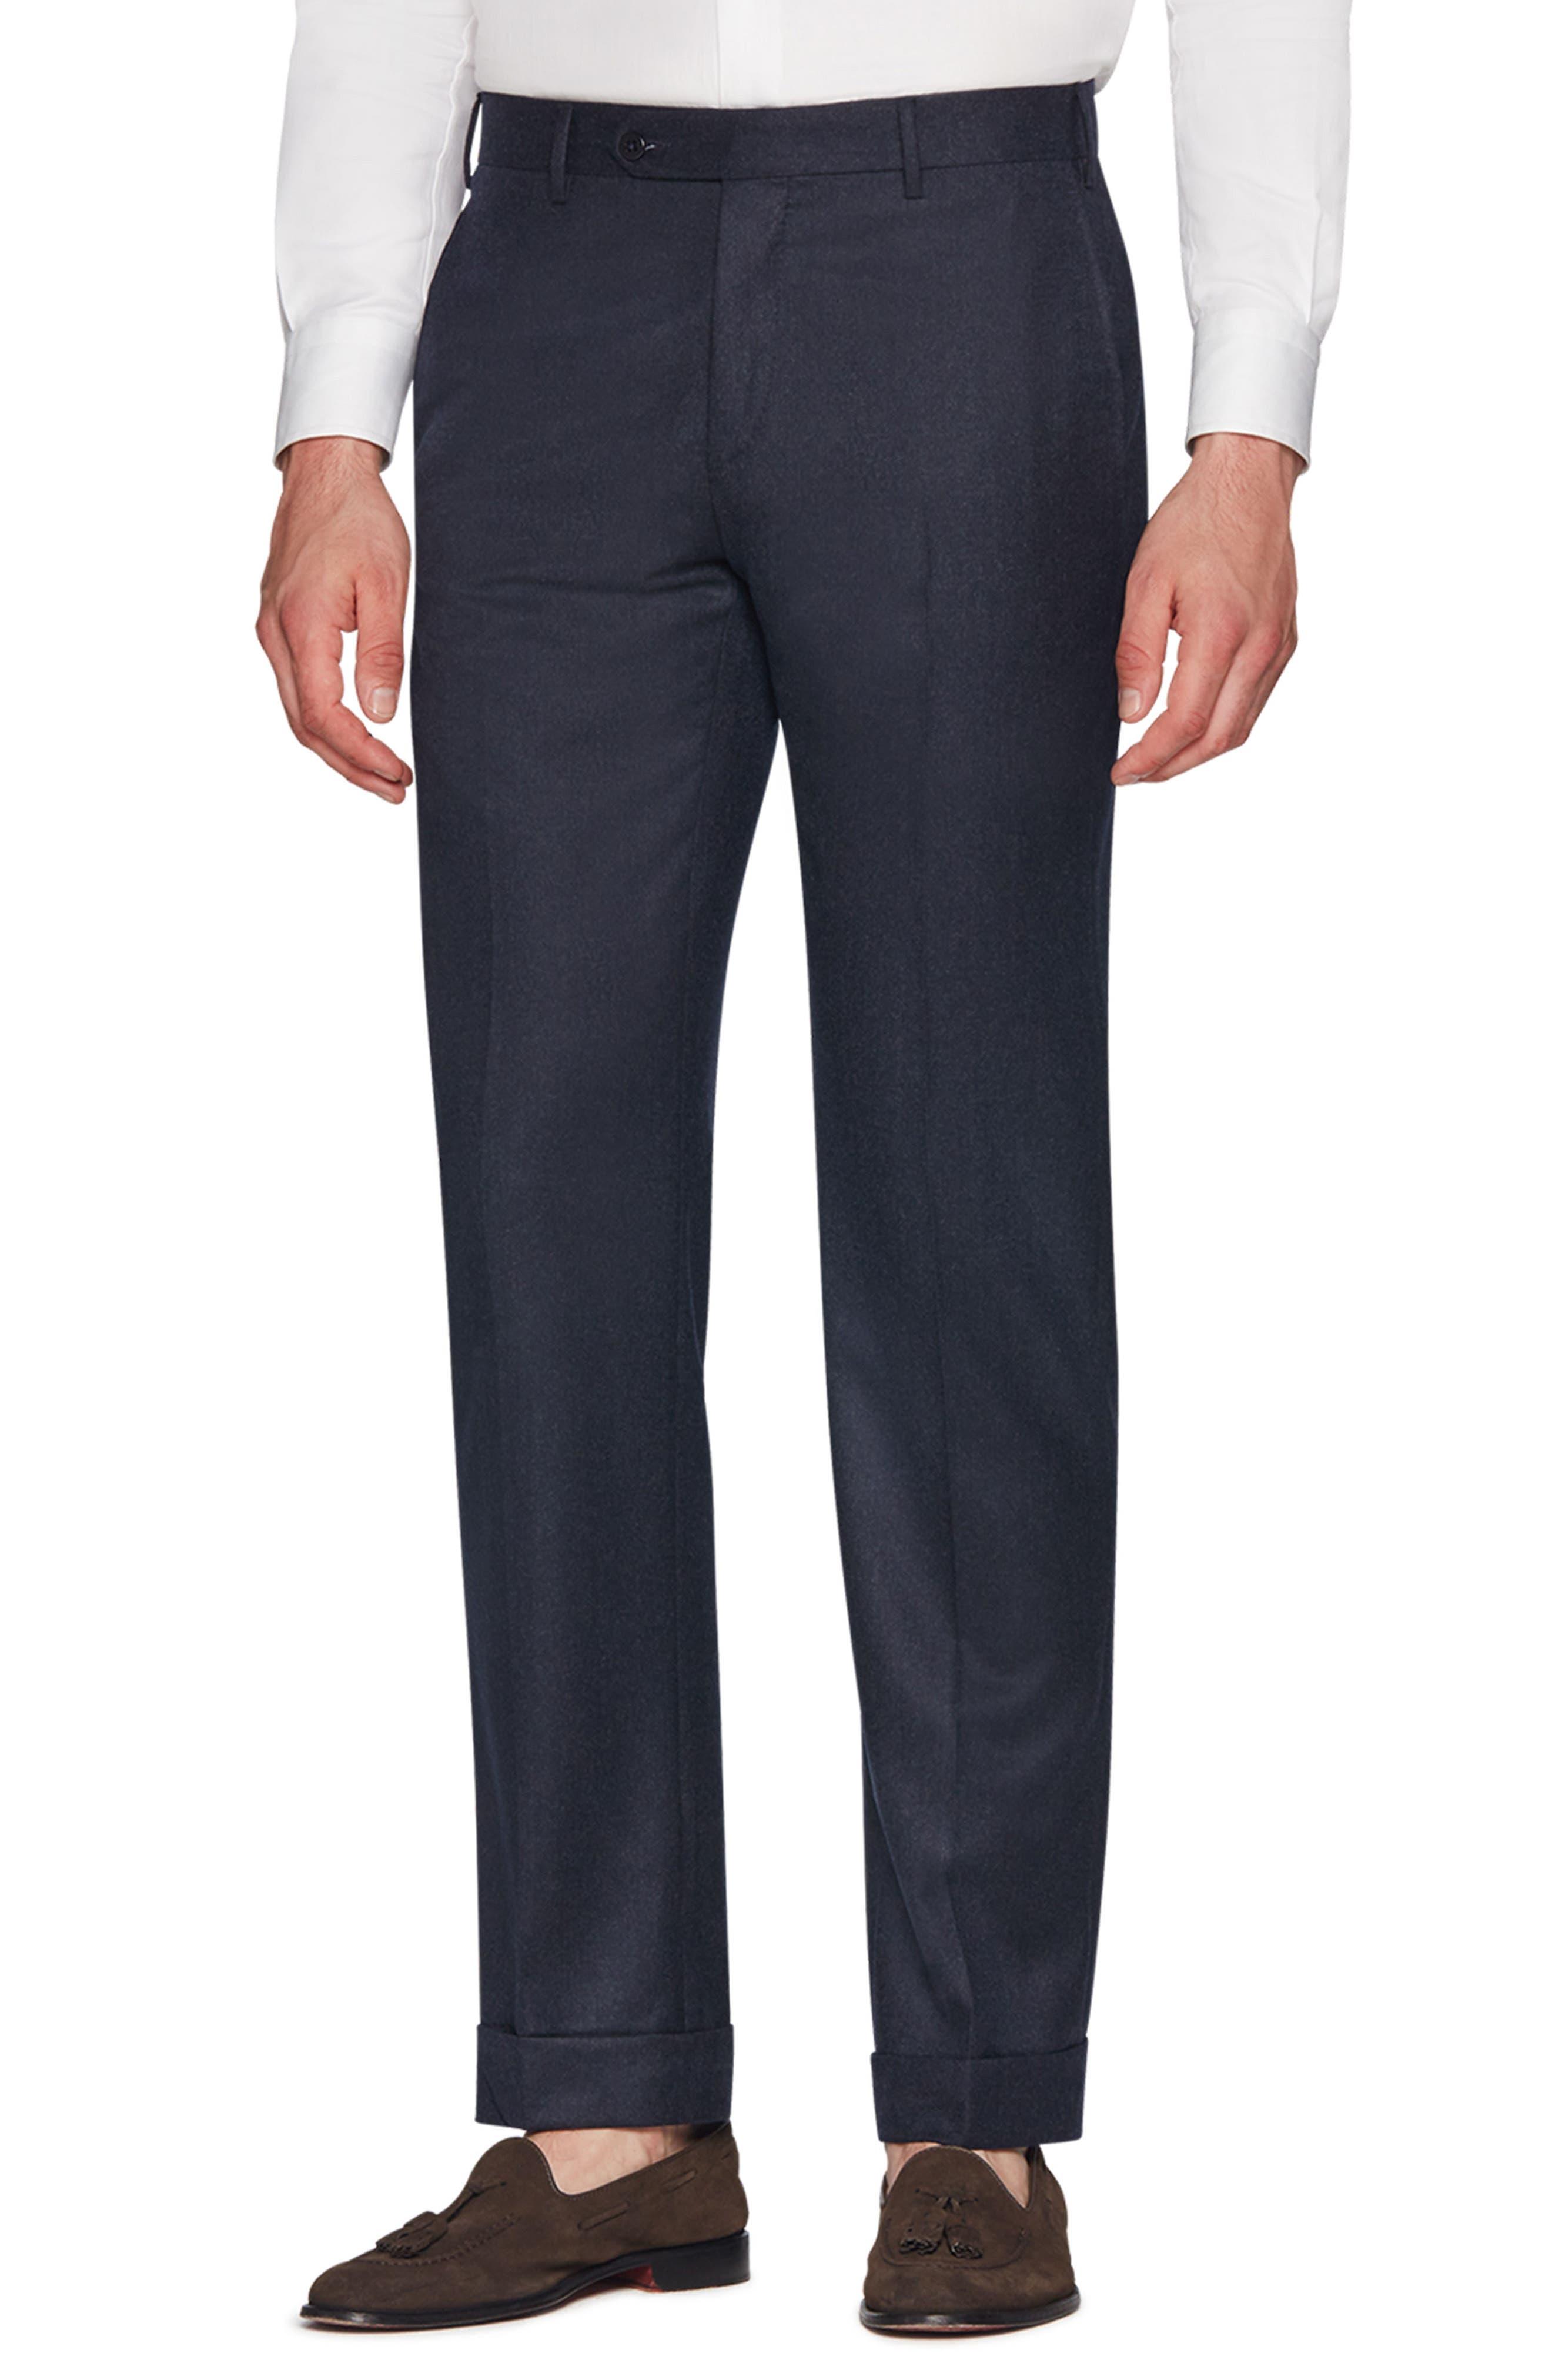 ZANELLA Parker Flat Front Wool Flannel Trousers in Navy